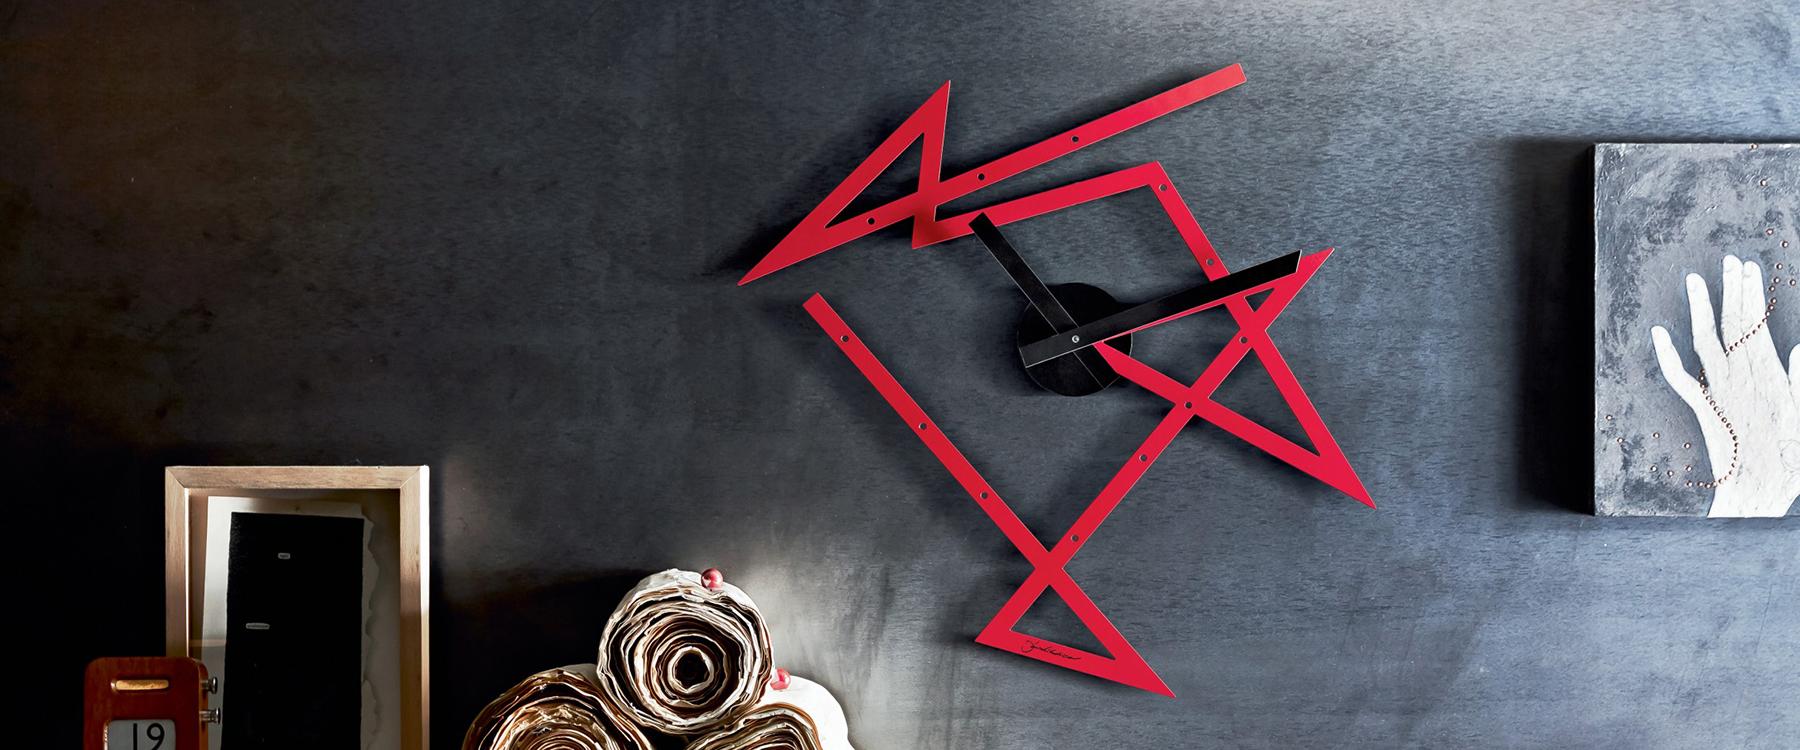 Time Maze by Daniel Libeskind